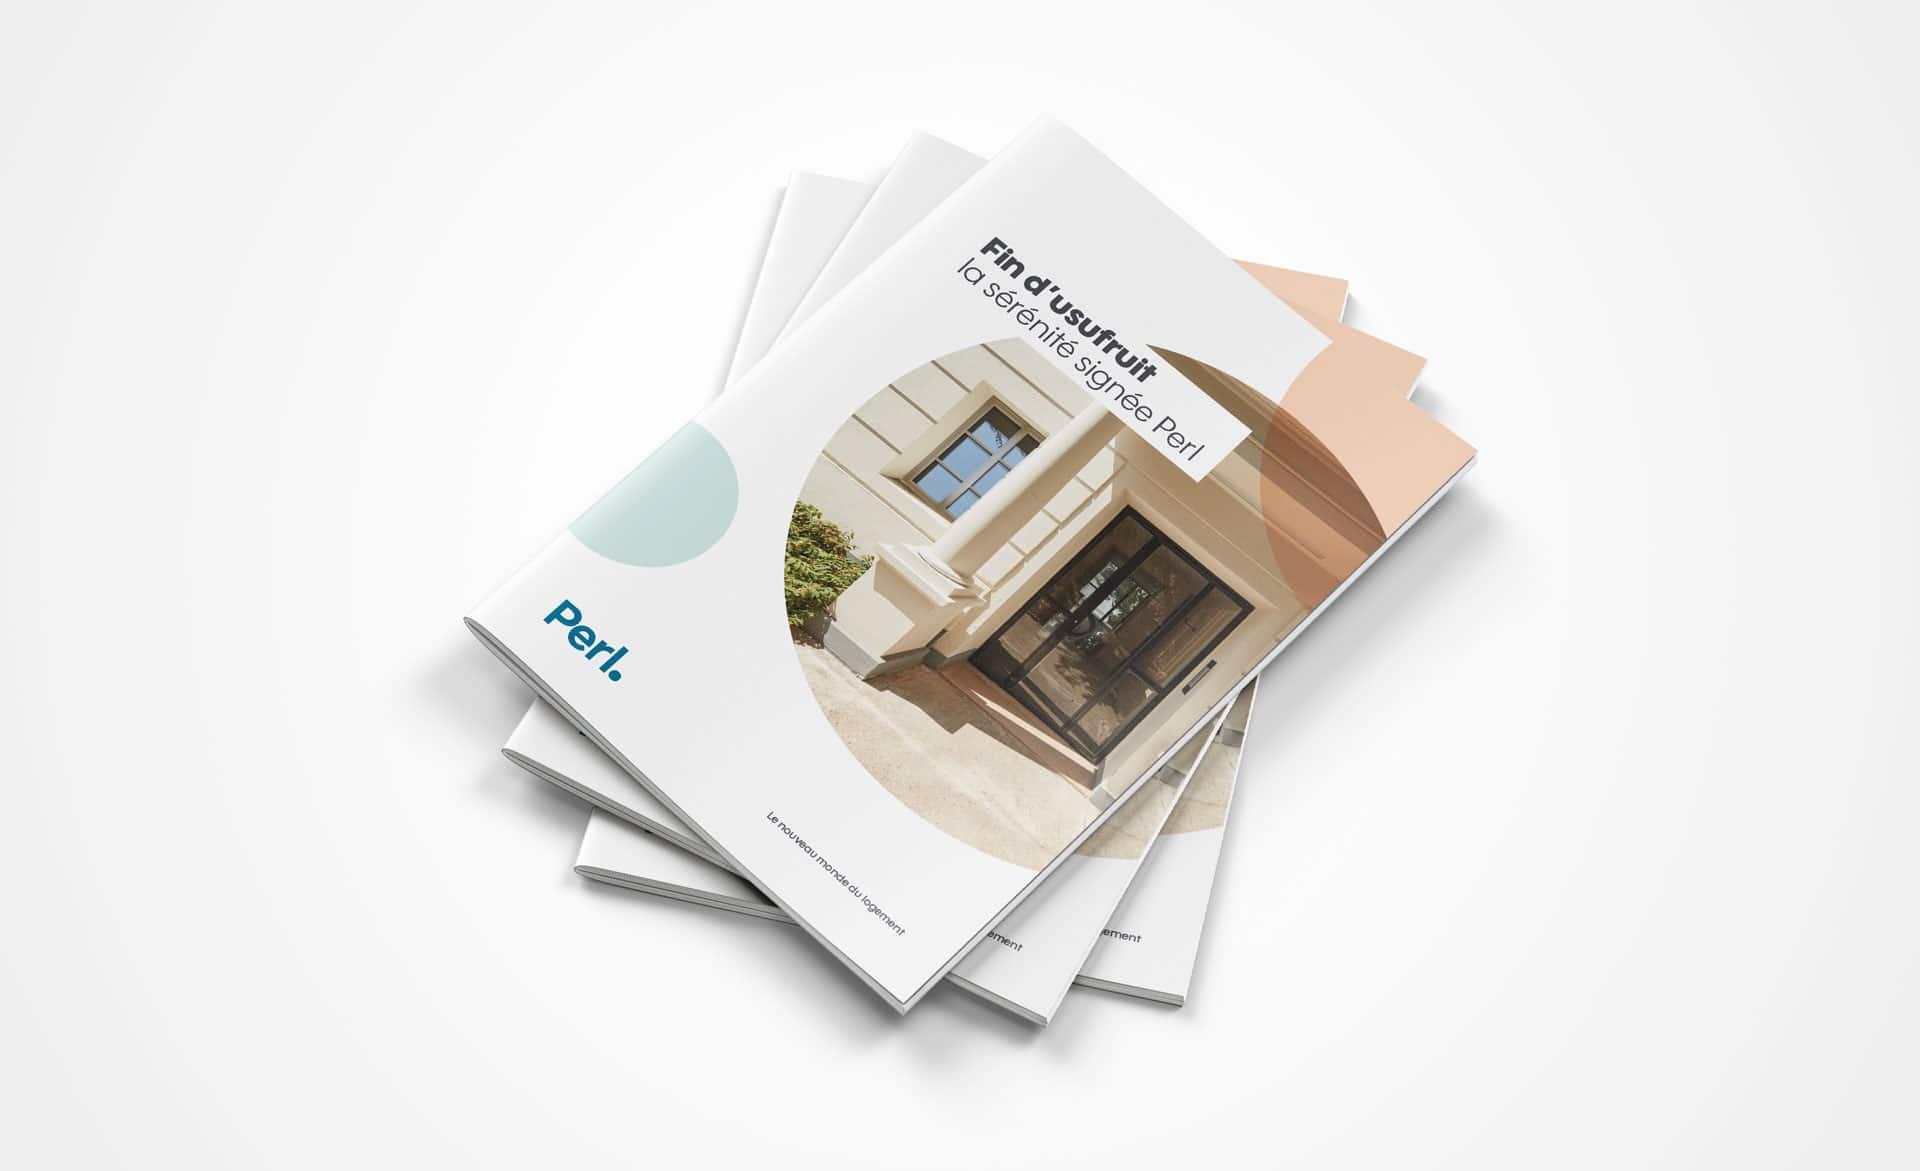 Il y a une brochure commerciale fin d'usufruit pour un programme immobilier Perl, réalisée par l'agence de communication et créa Siouxe à Paris.